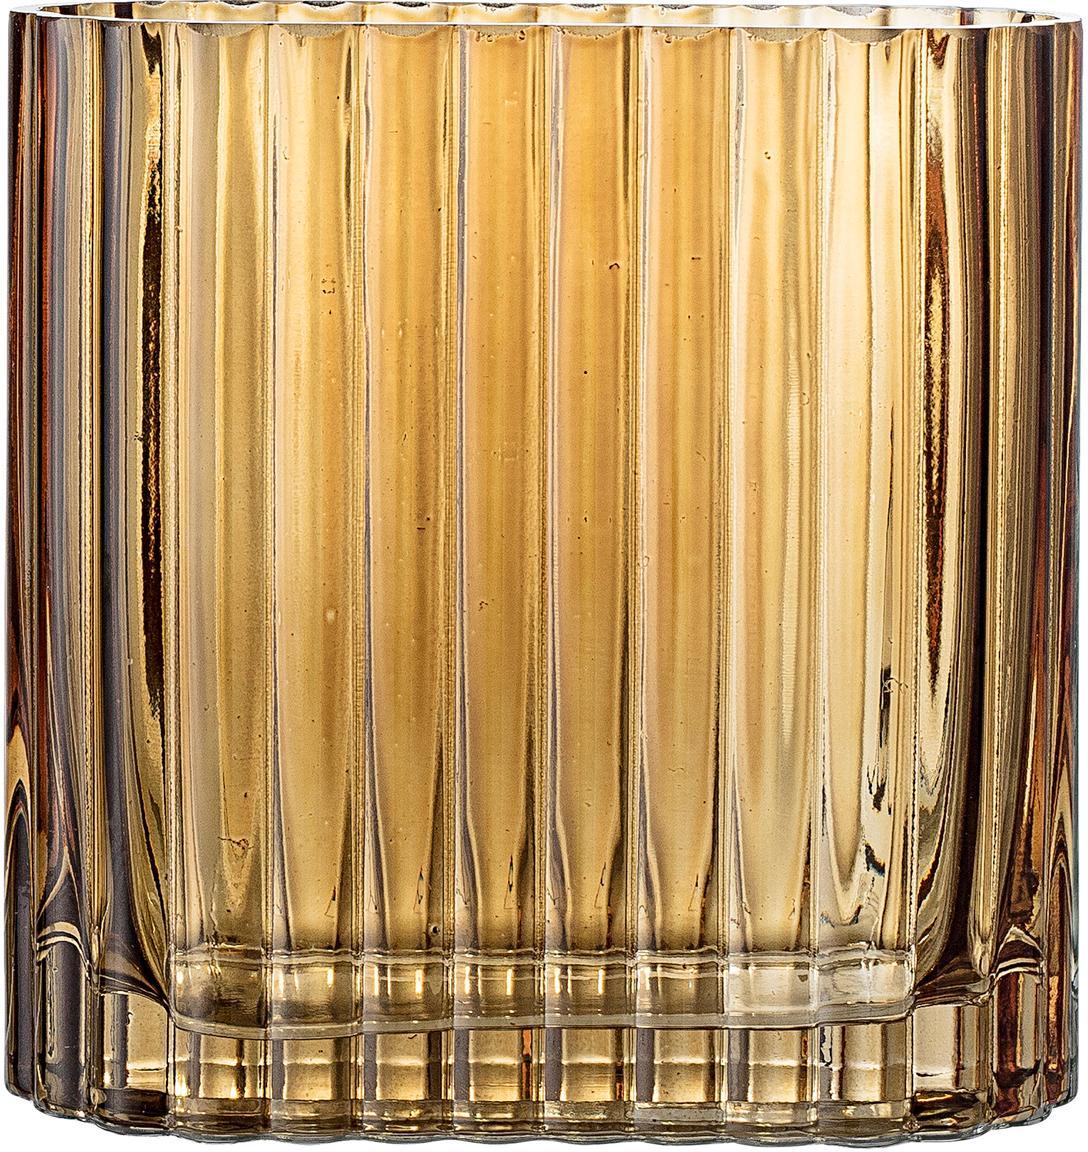 Vaso in vetro Don, Vetro, Marrone trasparente, Larg. 14 x Alt. 14 cm